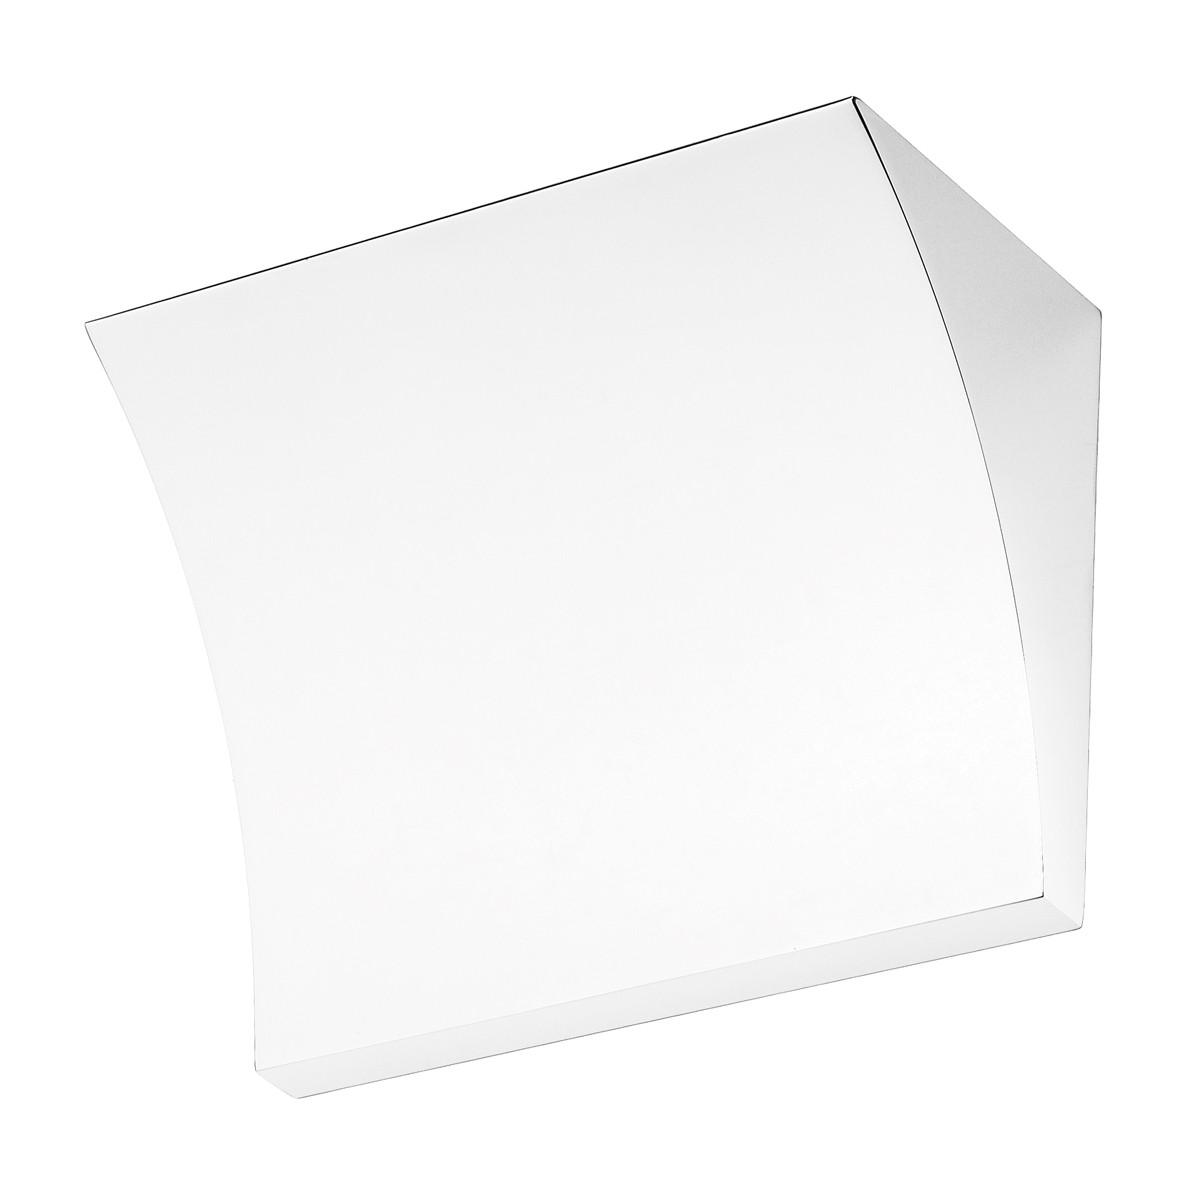 Flos Pochette LED Wandleuchte, weiß glänzend